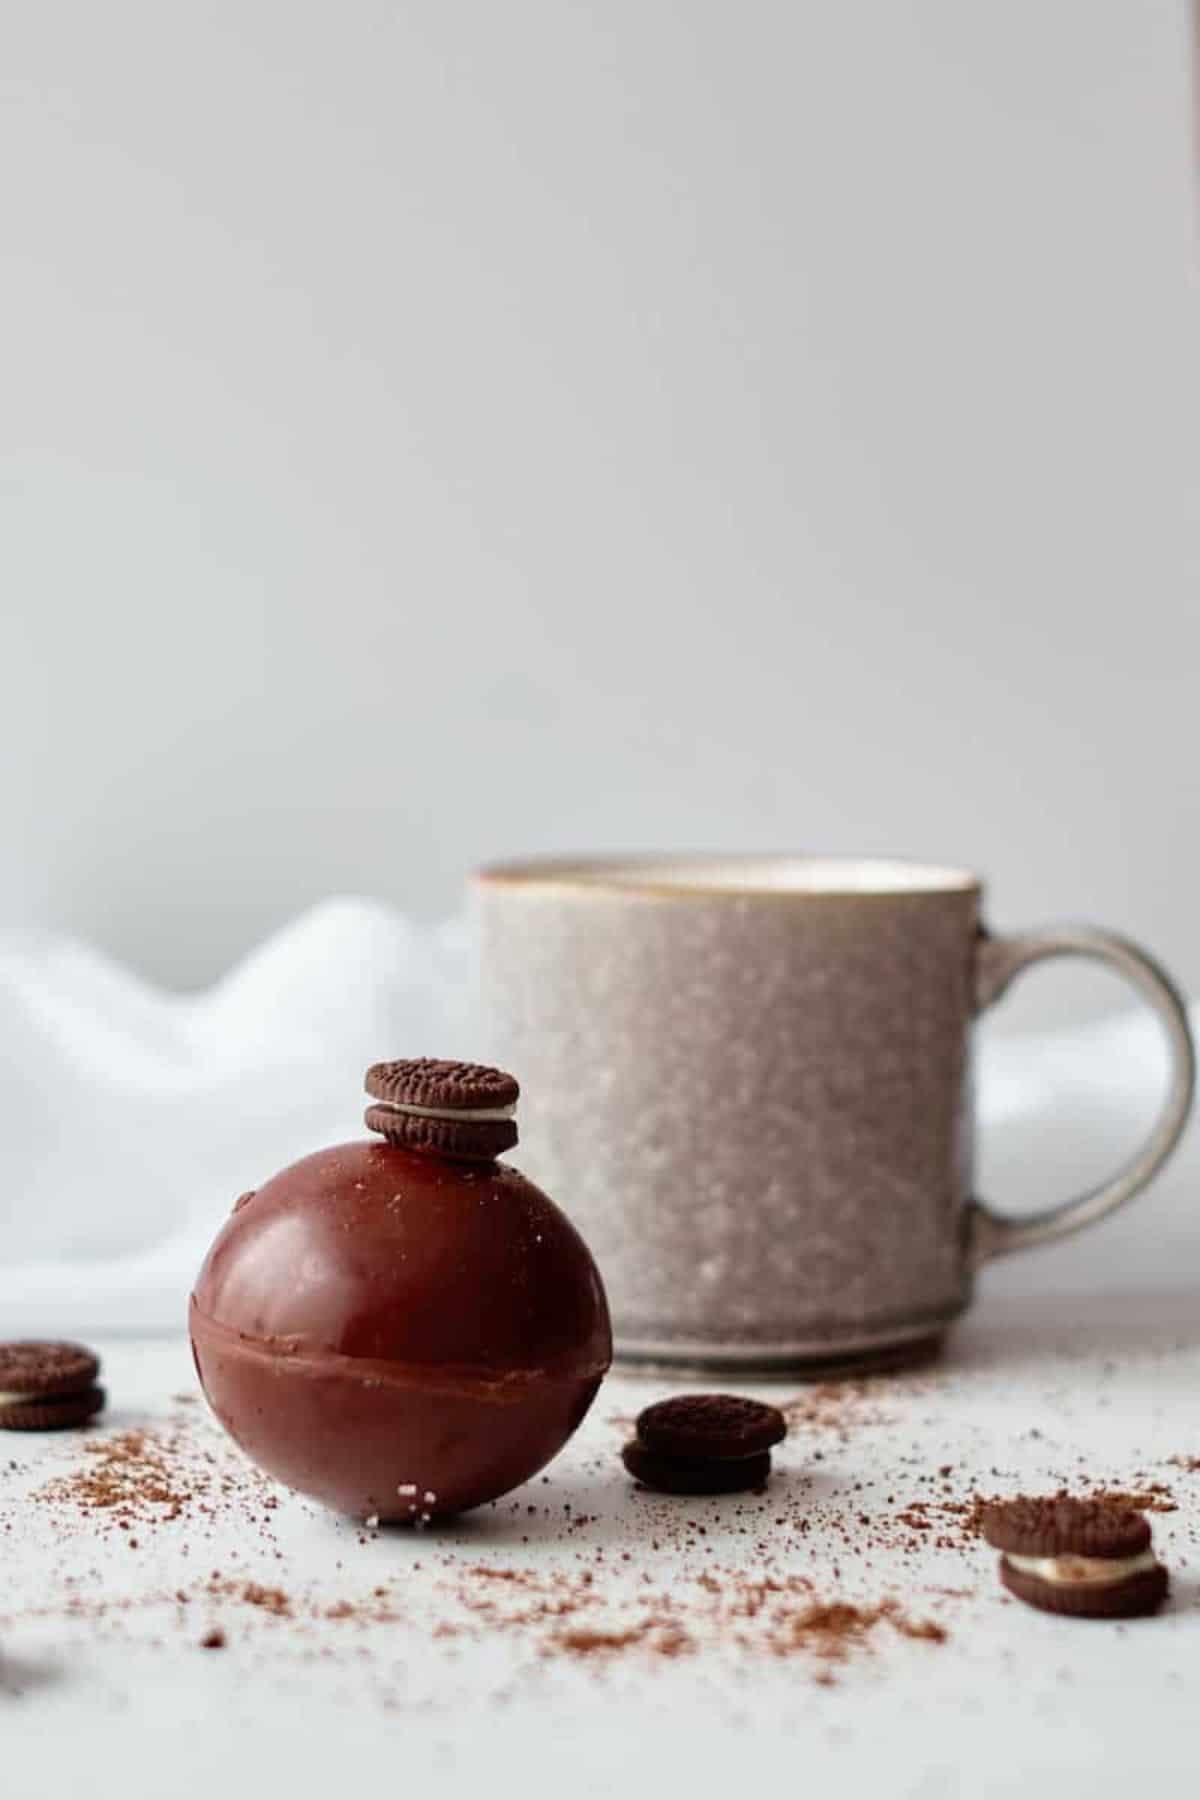 OREO hot cocoa bomb